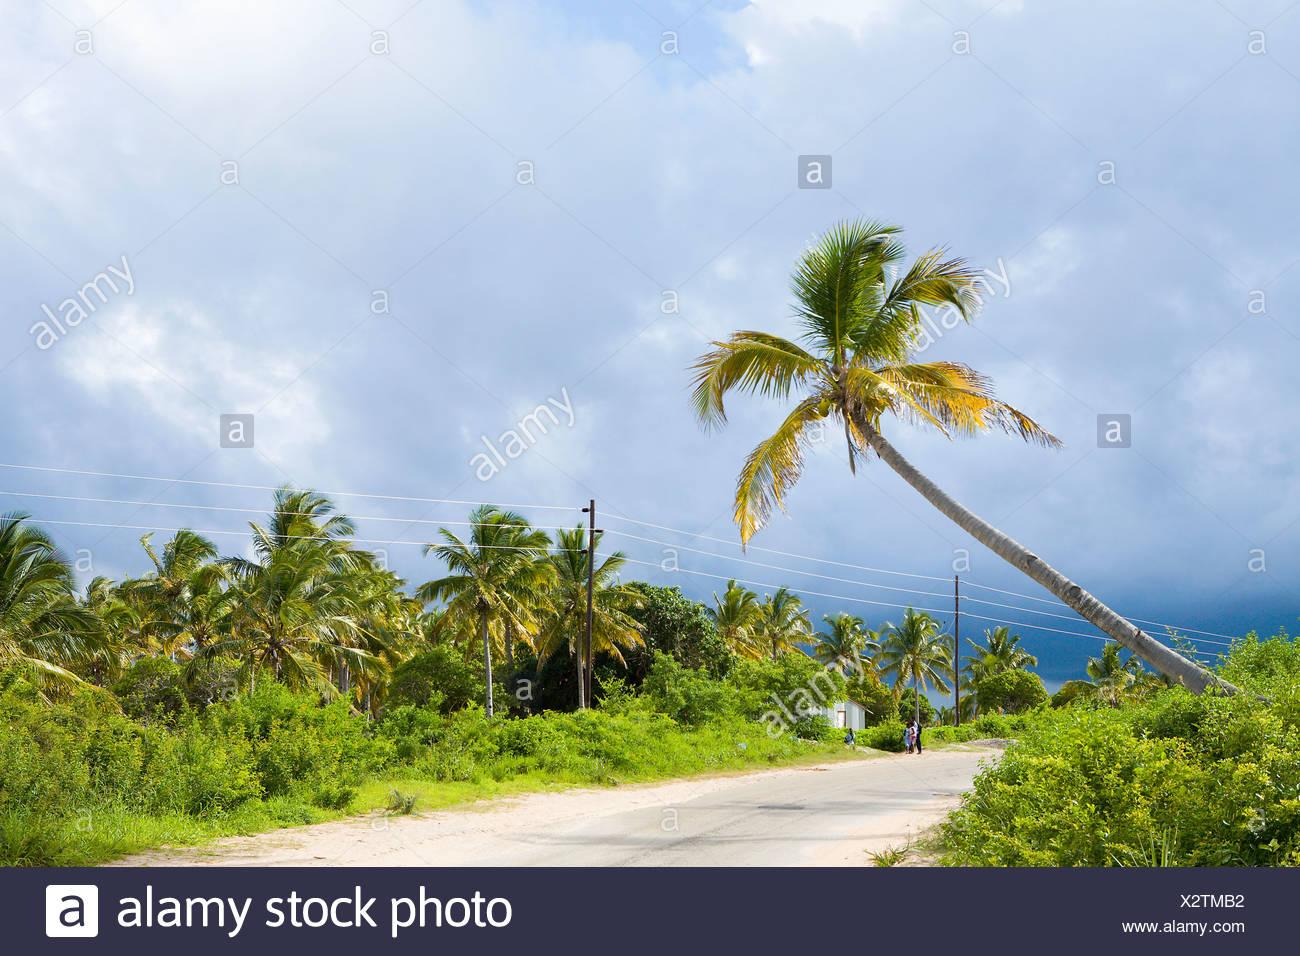 Palm trees along road, Ponta Morrungulo, Inhambane Province, Mozambique - Stock Image